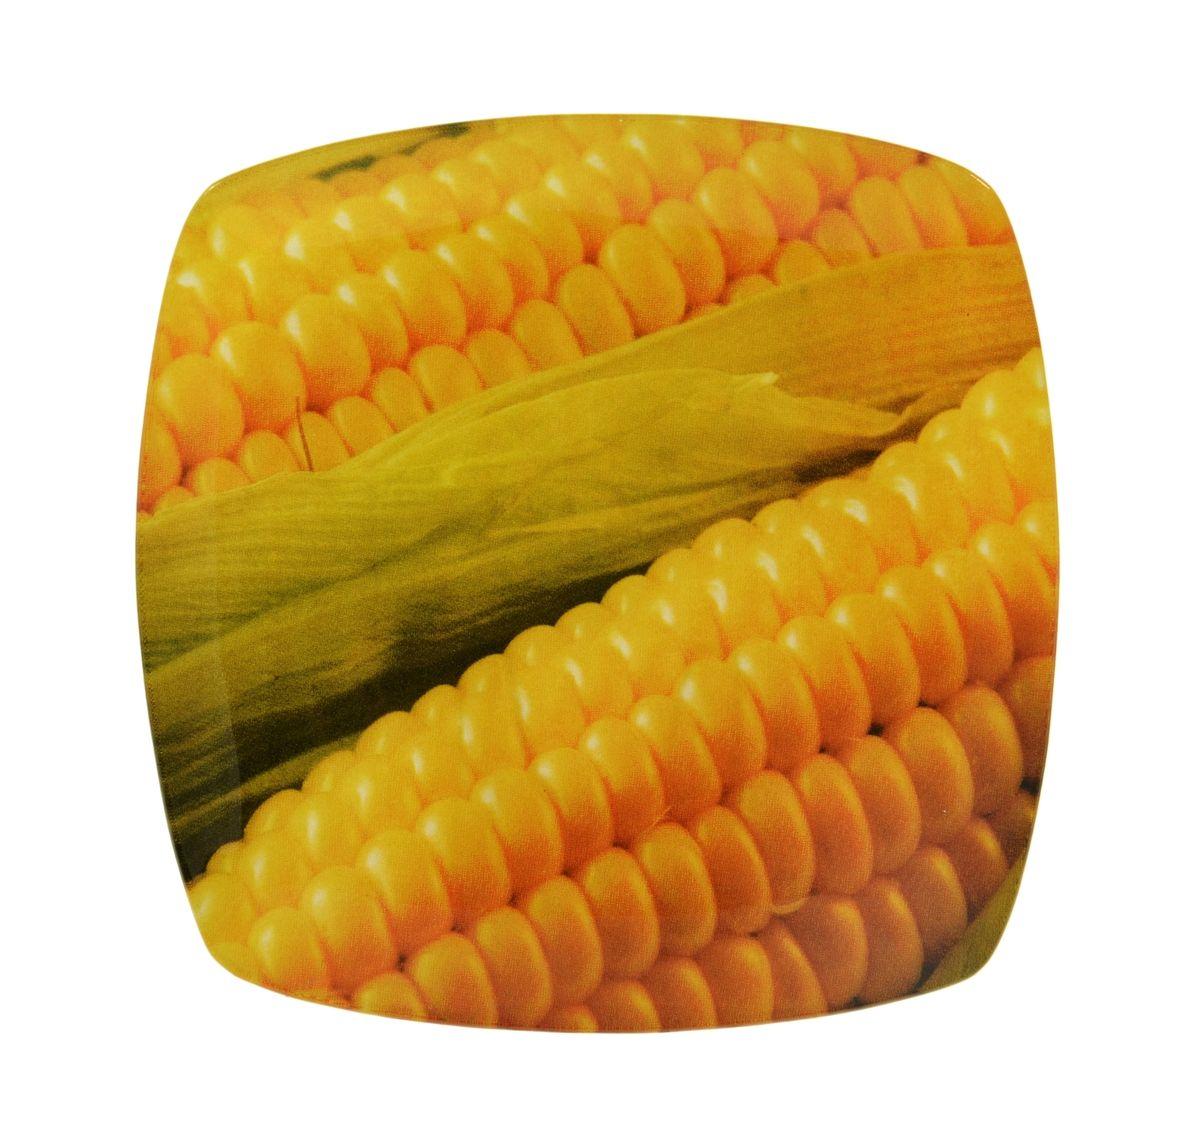 Тарелка Zibo Shelley Кукуруза, 19,5 х 19,5 смZSCR350008B136Квадратная тарелка Zibo Shelley Кукуруза, изготовленная из стекла, декорирована ярким изображением початка кукурузы. Она не только украсит сервировку вашего стола и подчеркнет прекрасный вкус хозяина, но и станет отличным подарком. Можно использовать в посудомоечной машине. Размер по верхнему краю: 19,5 см х 19,5 см. Высота: 1 см.